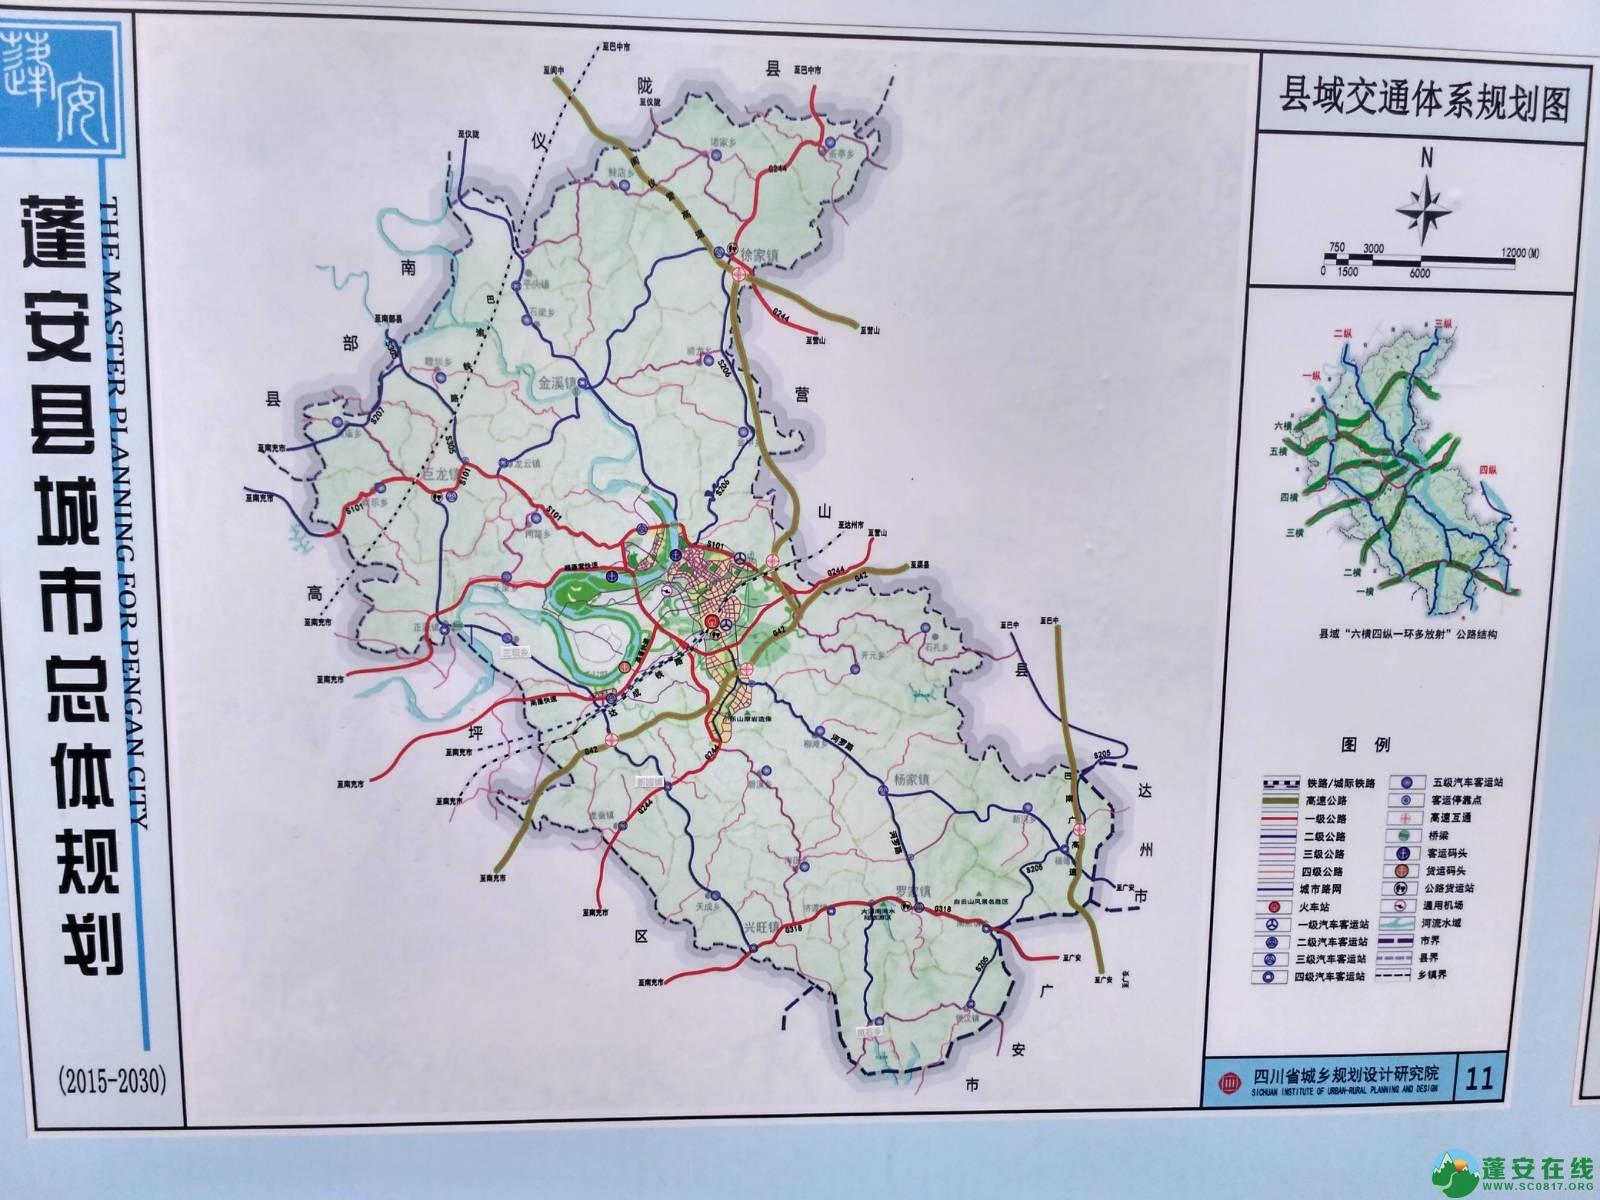 蓬安县2015年-2030年最新城市总体规划公示 - 第7张    蓬安在线